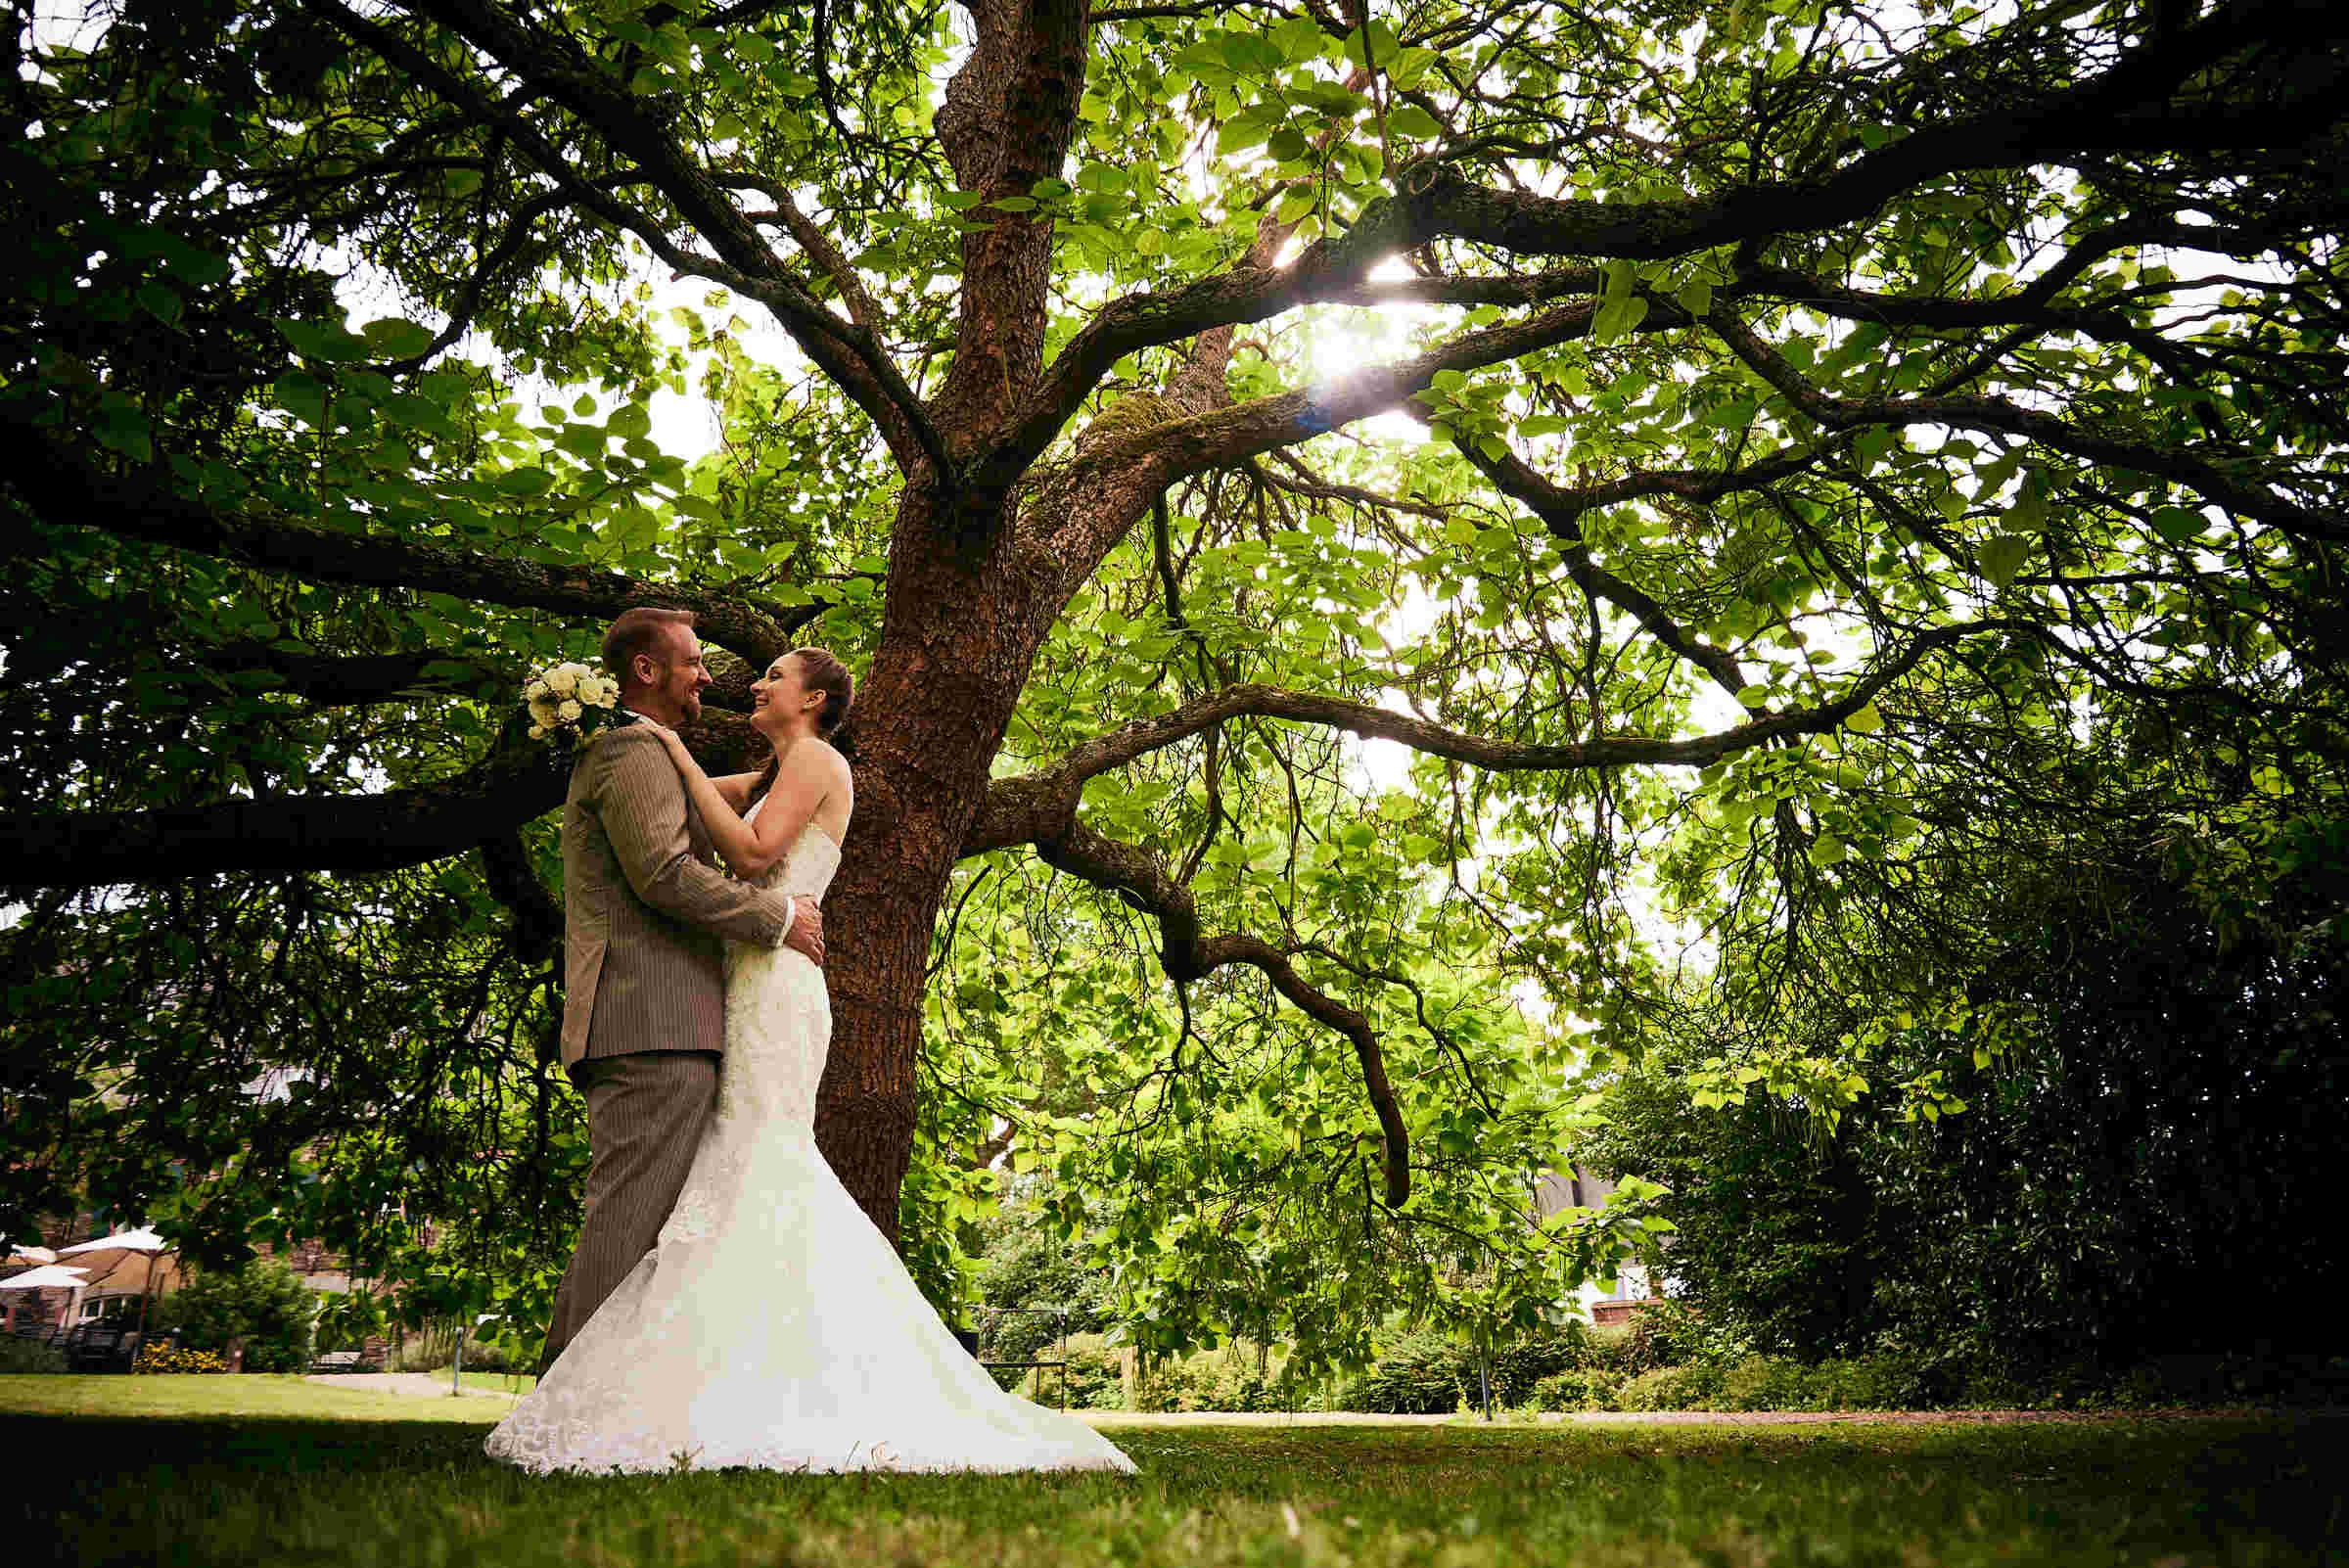 Frisch verheiratetes Brautpaar unter einem Baum beim Weinromantikhotel Richtershof